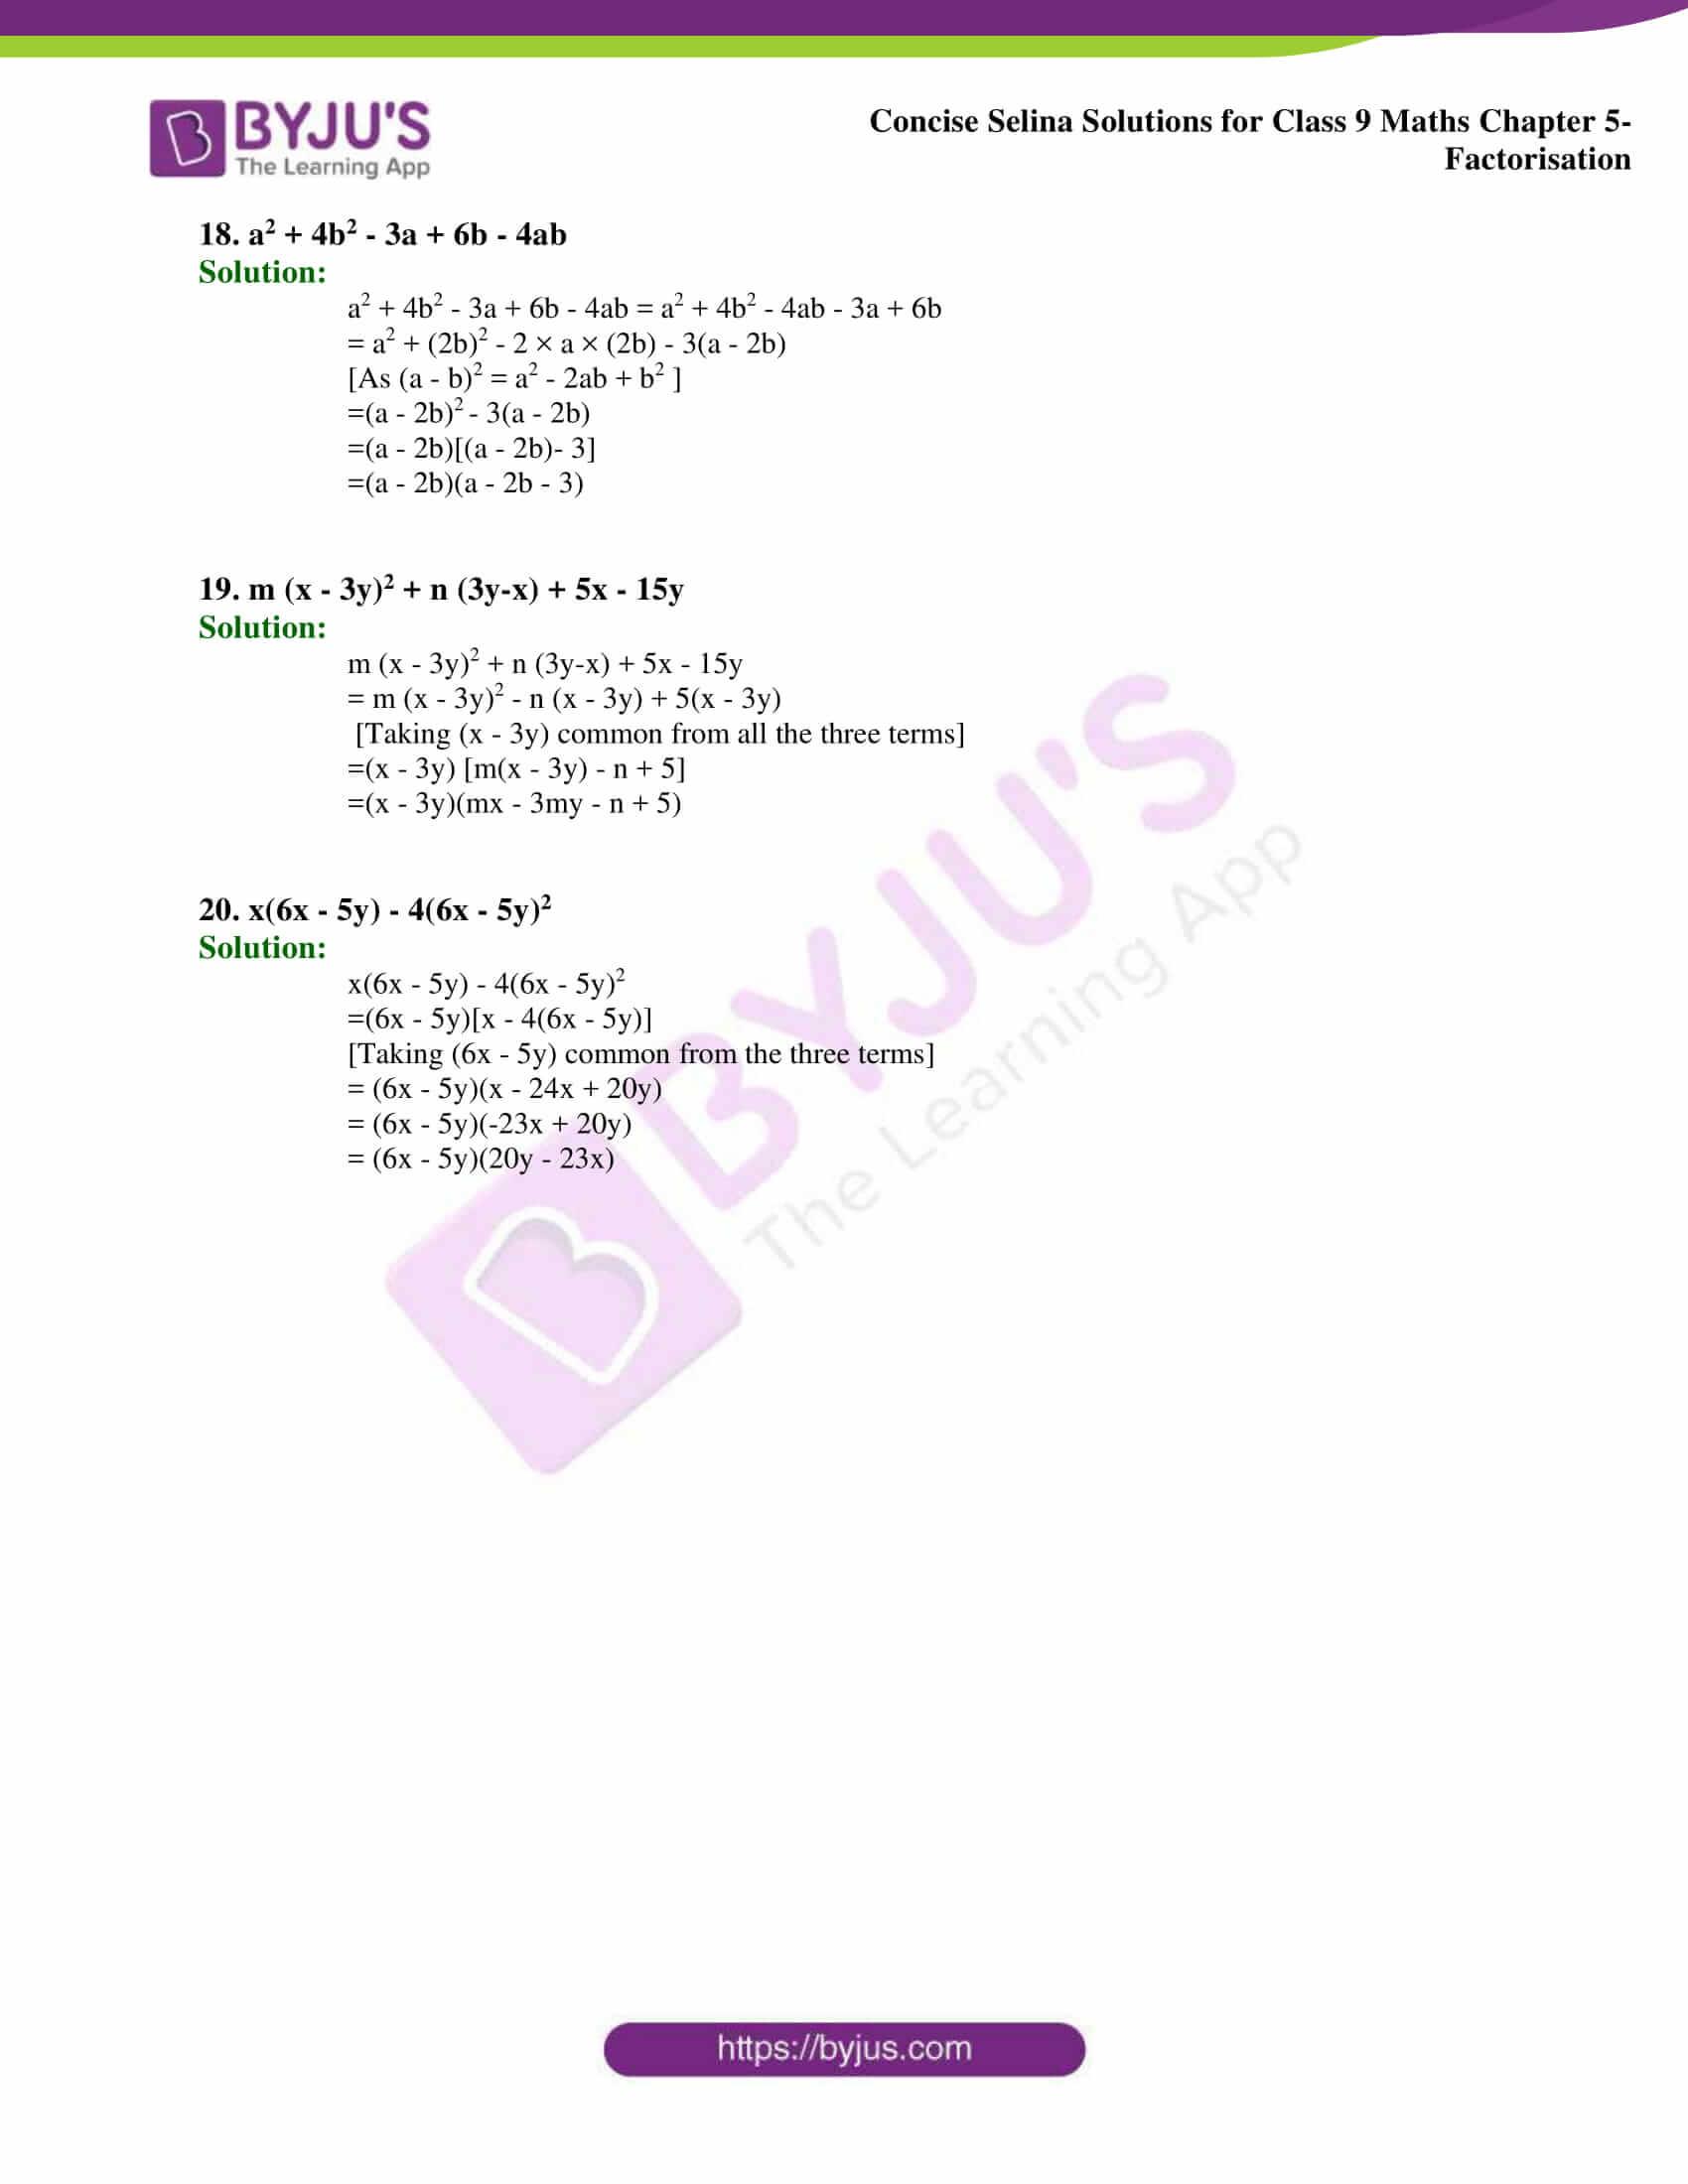 Selina Solutions Class 9 Maths Chapter 5 Factorisation part 04